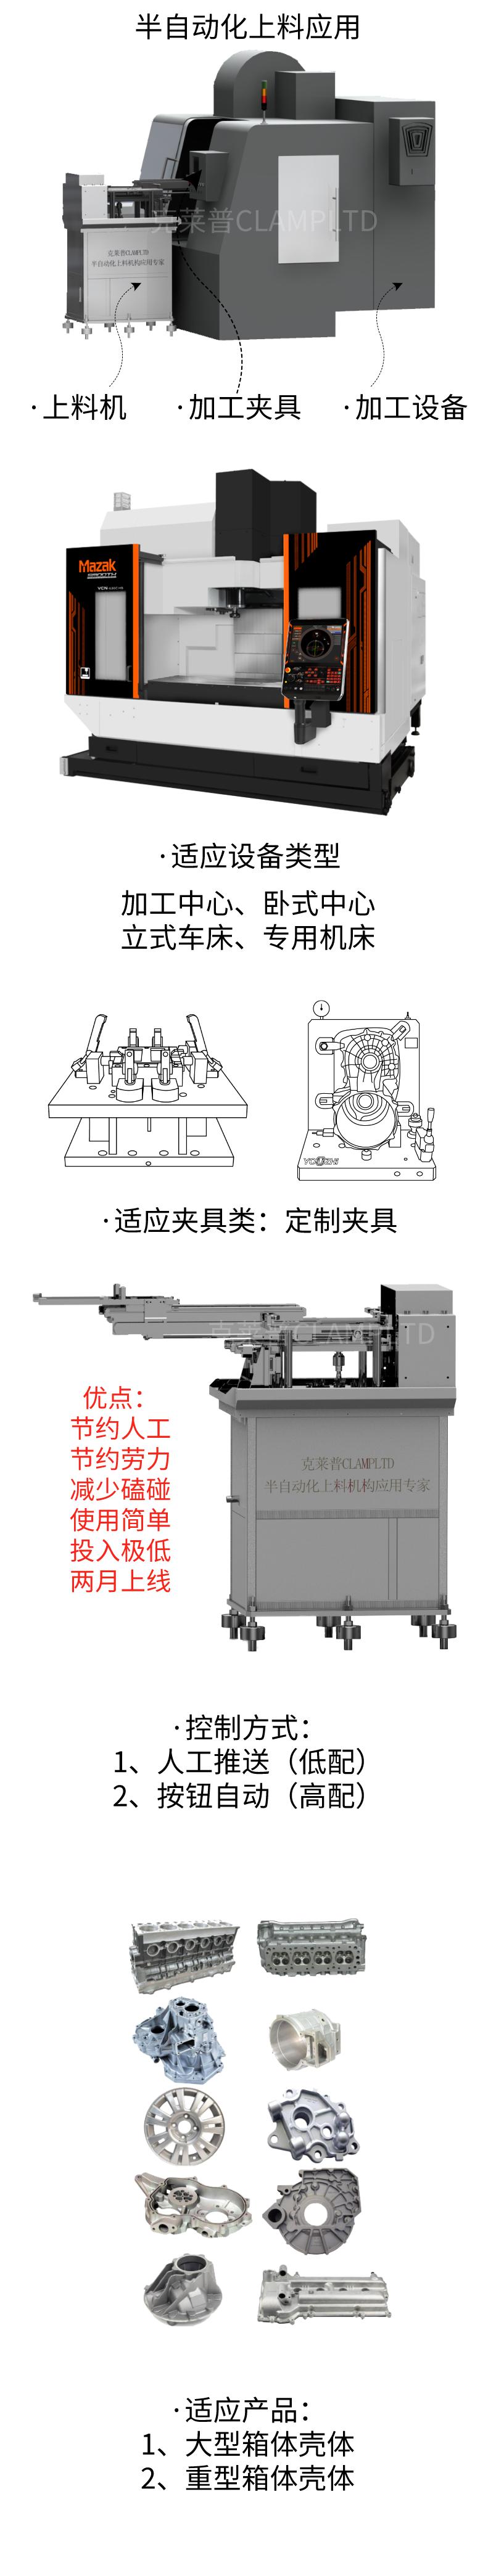 自动上料送料机构机加生产线产品送料机构